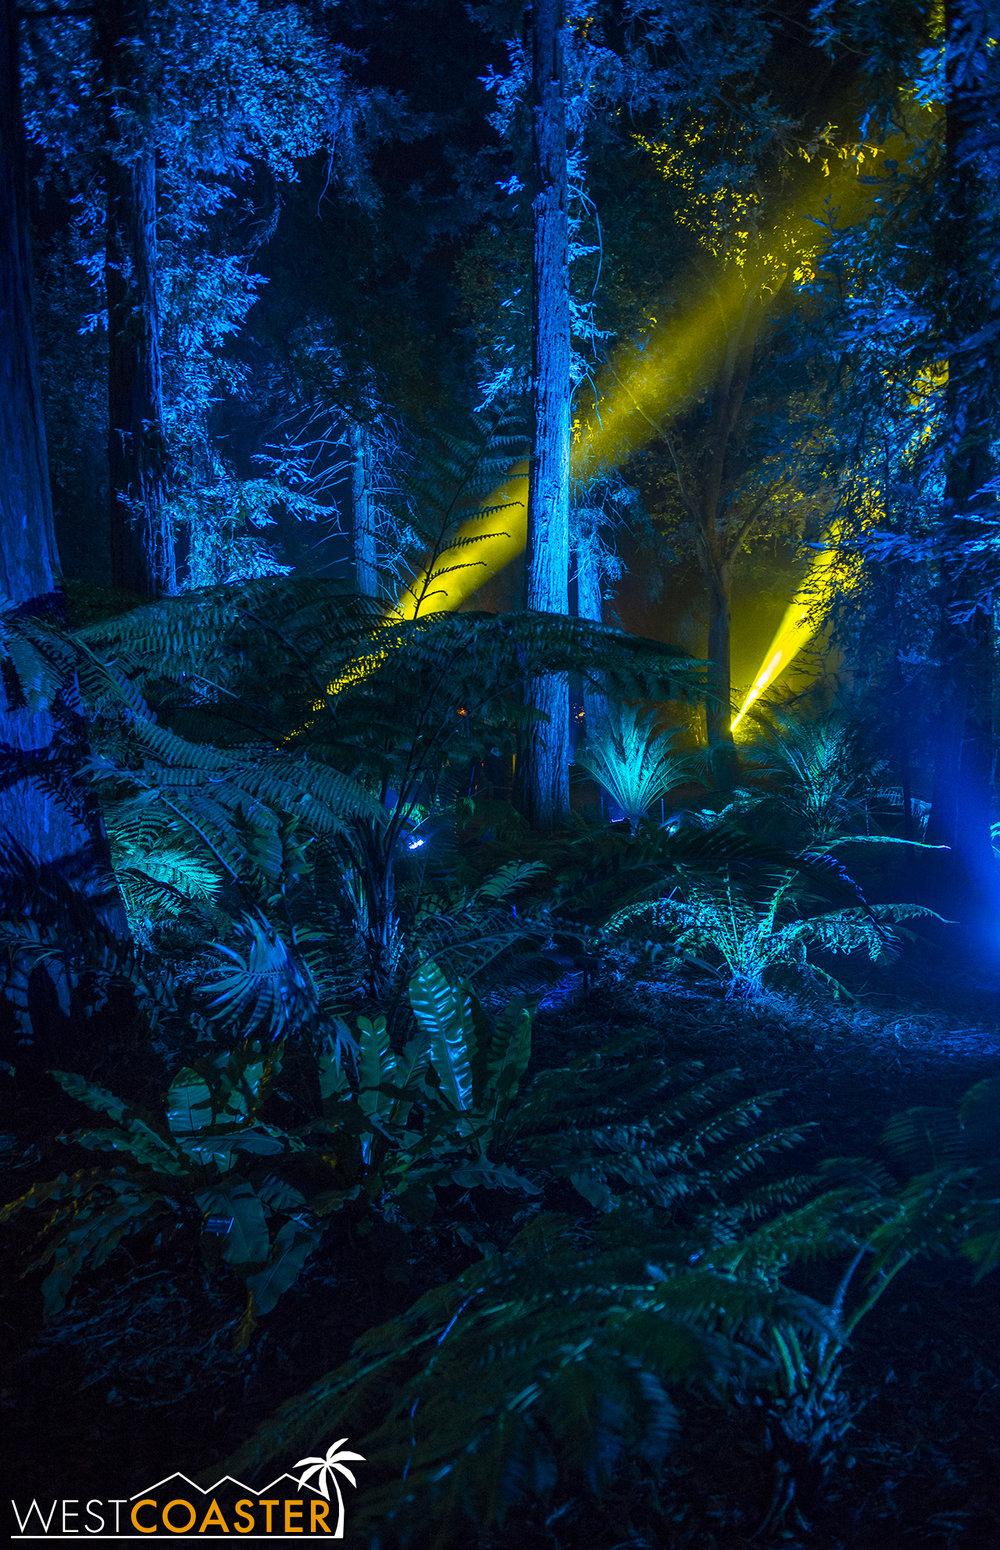 Descanso-17_1201-08-AncientForest-0005.jpg